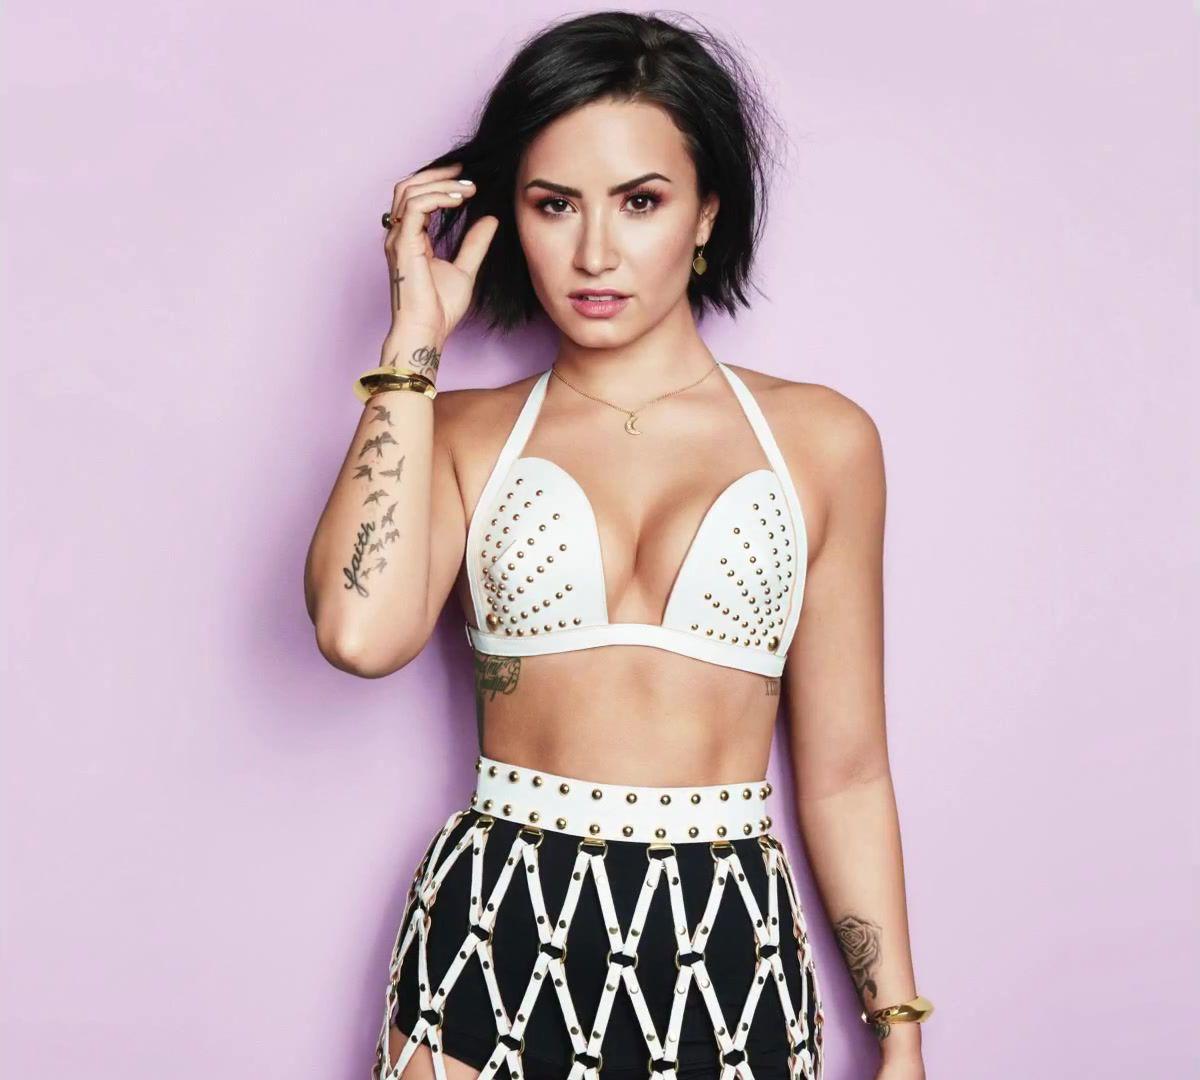 Lirik Lagu Demi Lovato Sorry Not Sorry Dan Terjemahan Nya